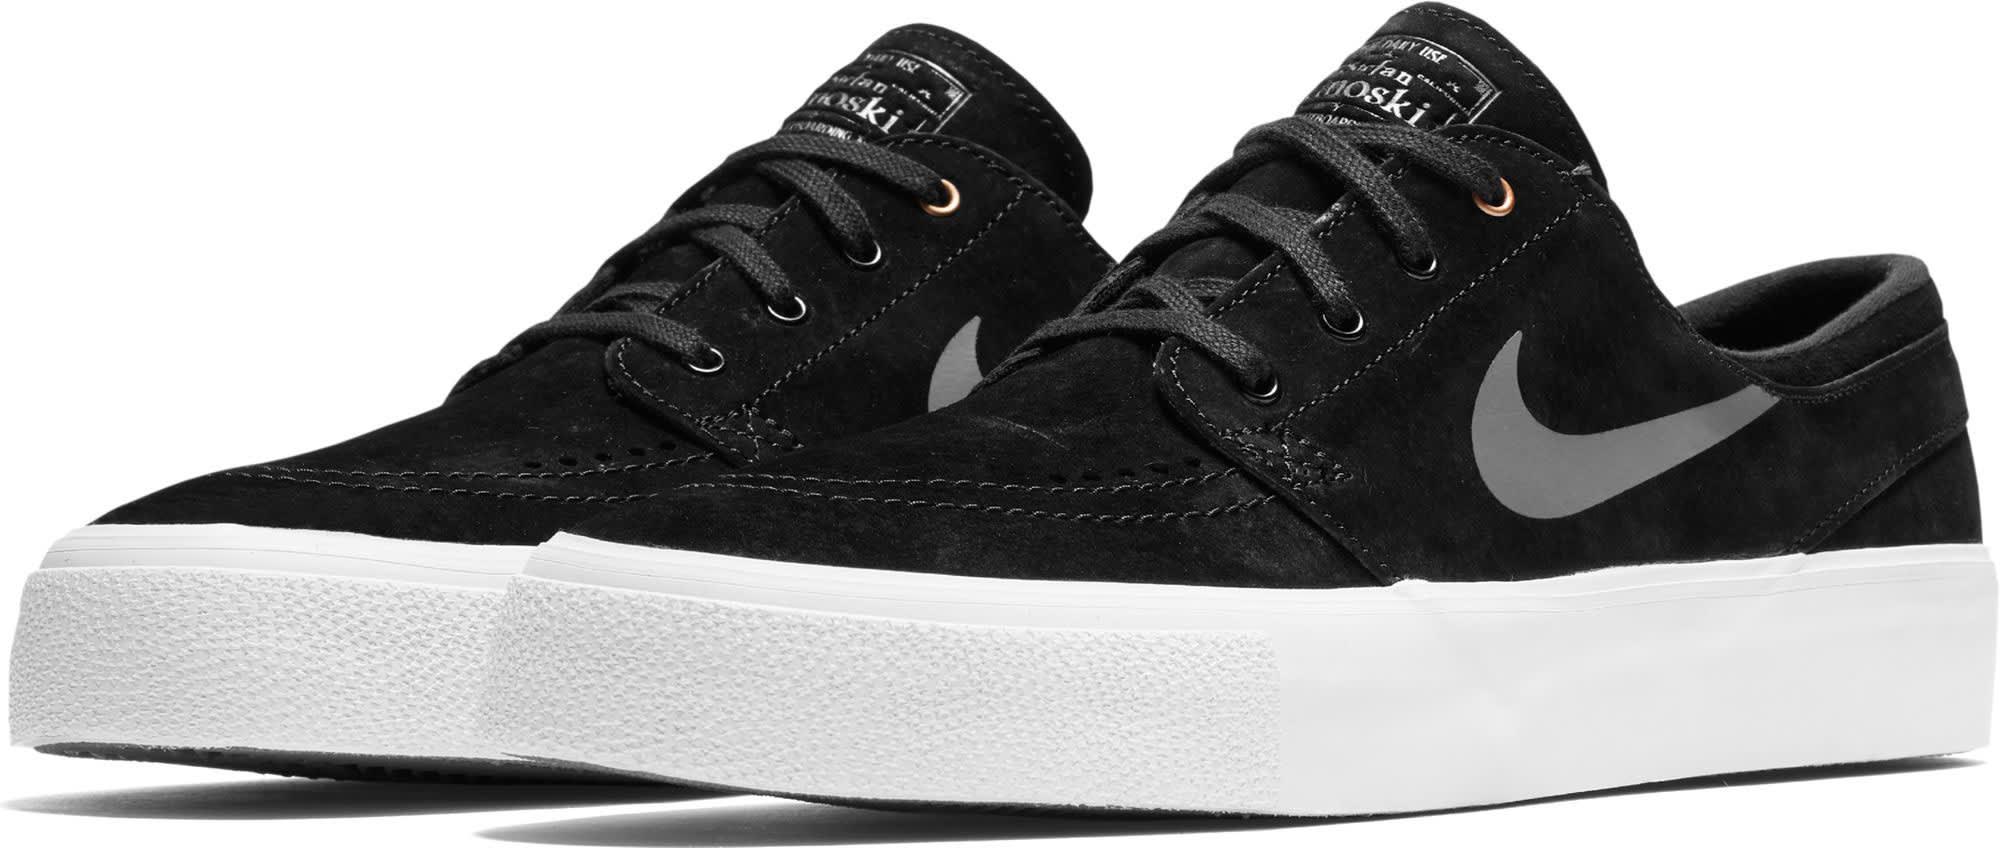 Nike SB Zoom Janoski HT Skate Shoes - thumbnail 3 8aa09b2f1